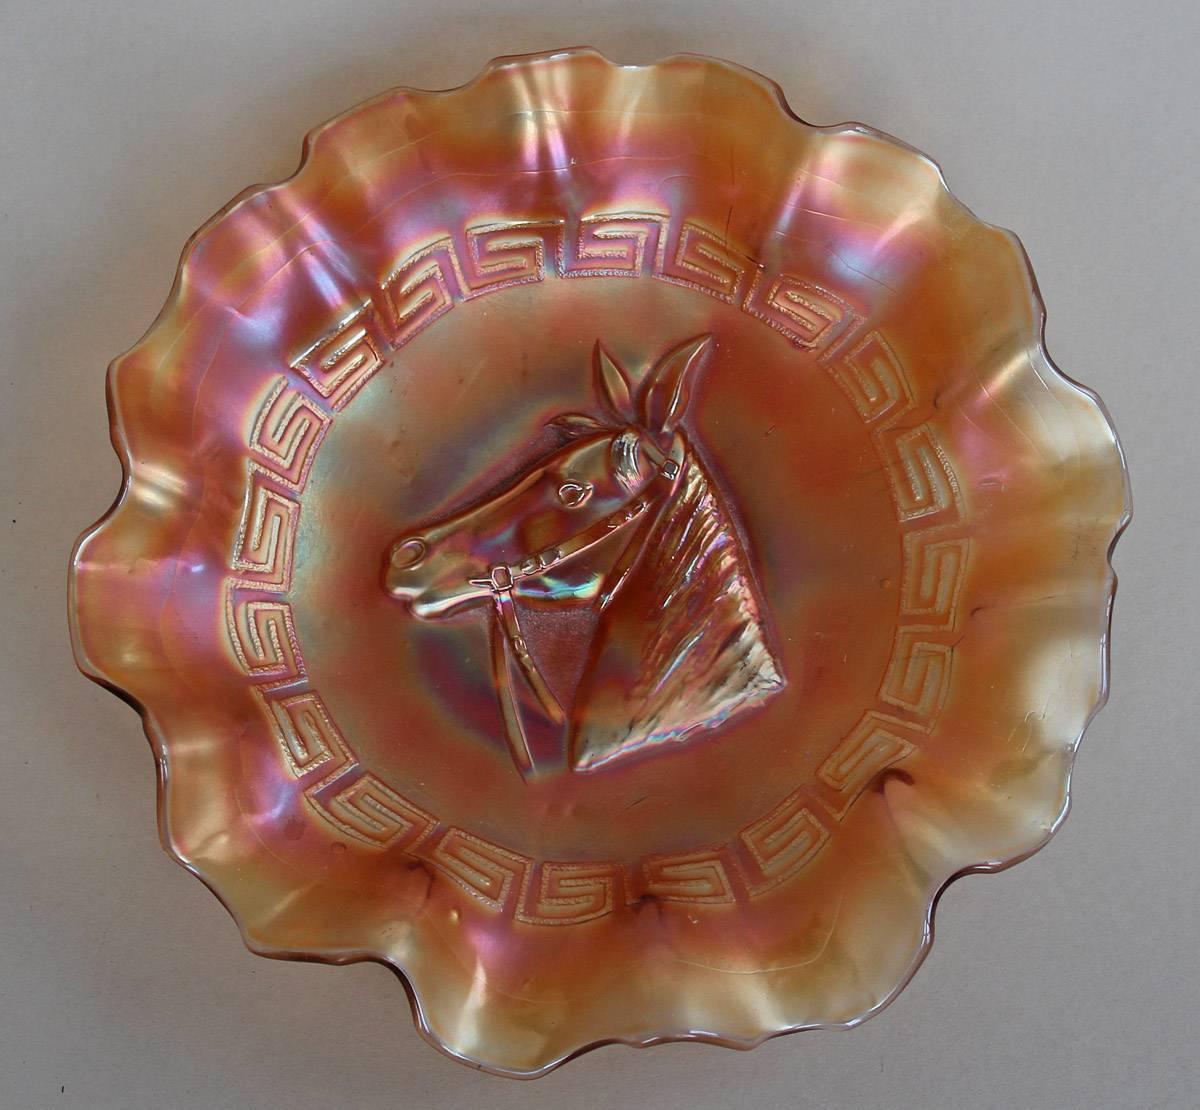 Pony 10 ruffled bowl in marigold